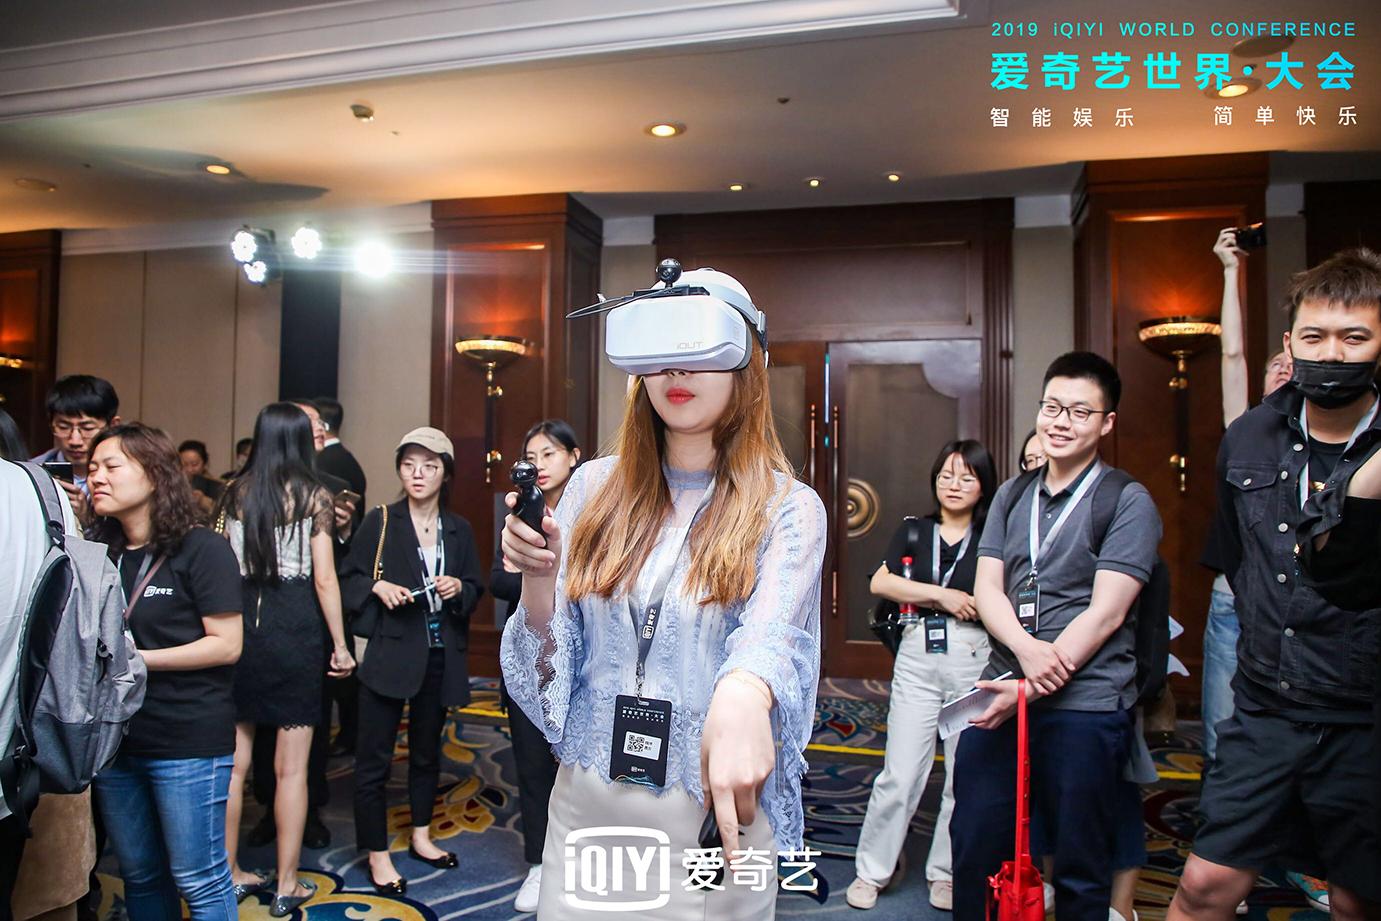 泡沫挤破后,VR由小众走向大众,爱奇艺想做市场领导者,靠谱吗?